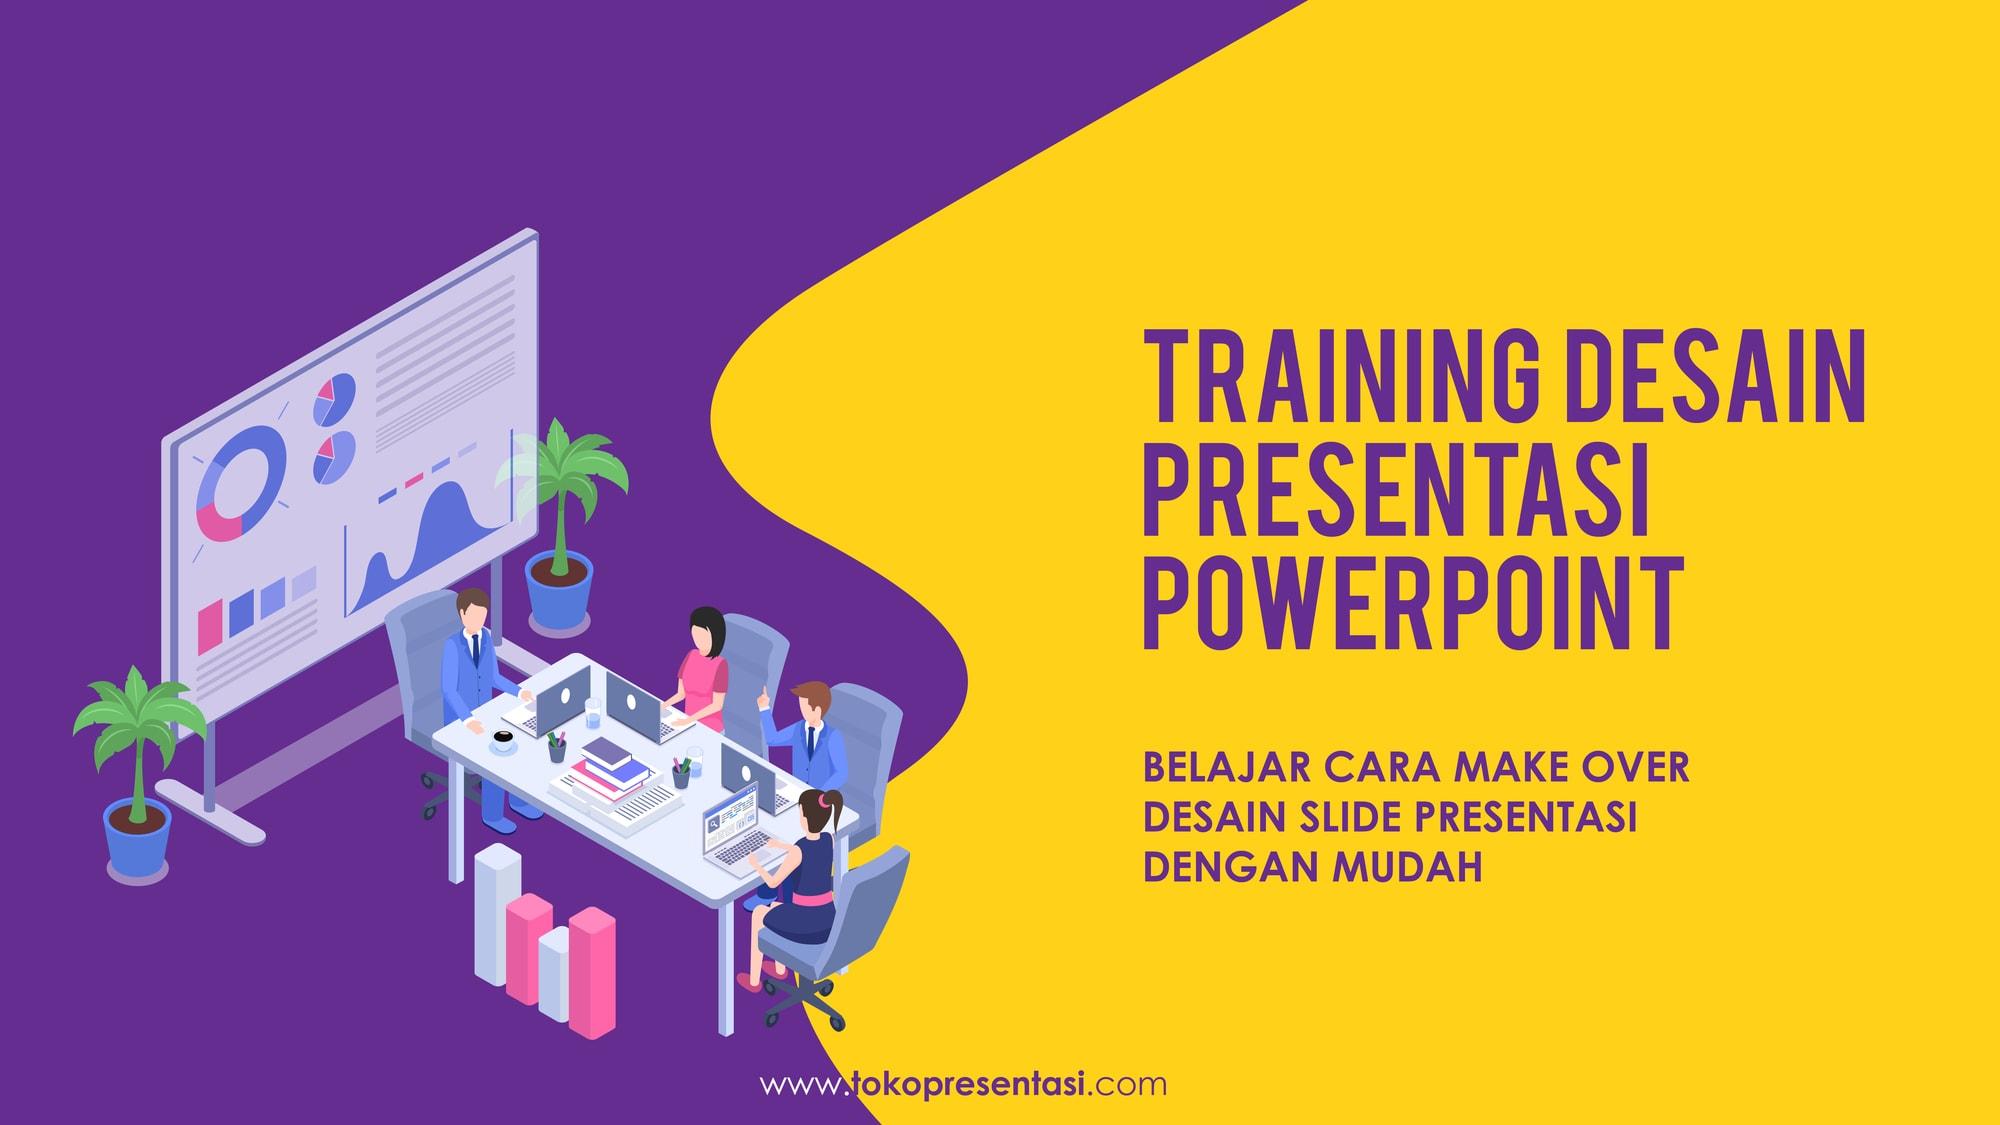 Training Desain PowerPoint PPT Setjen MPR Tokopresentasi